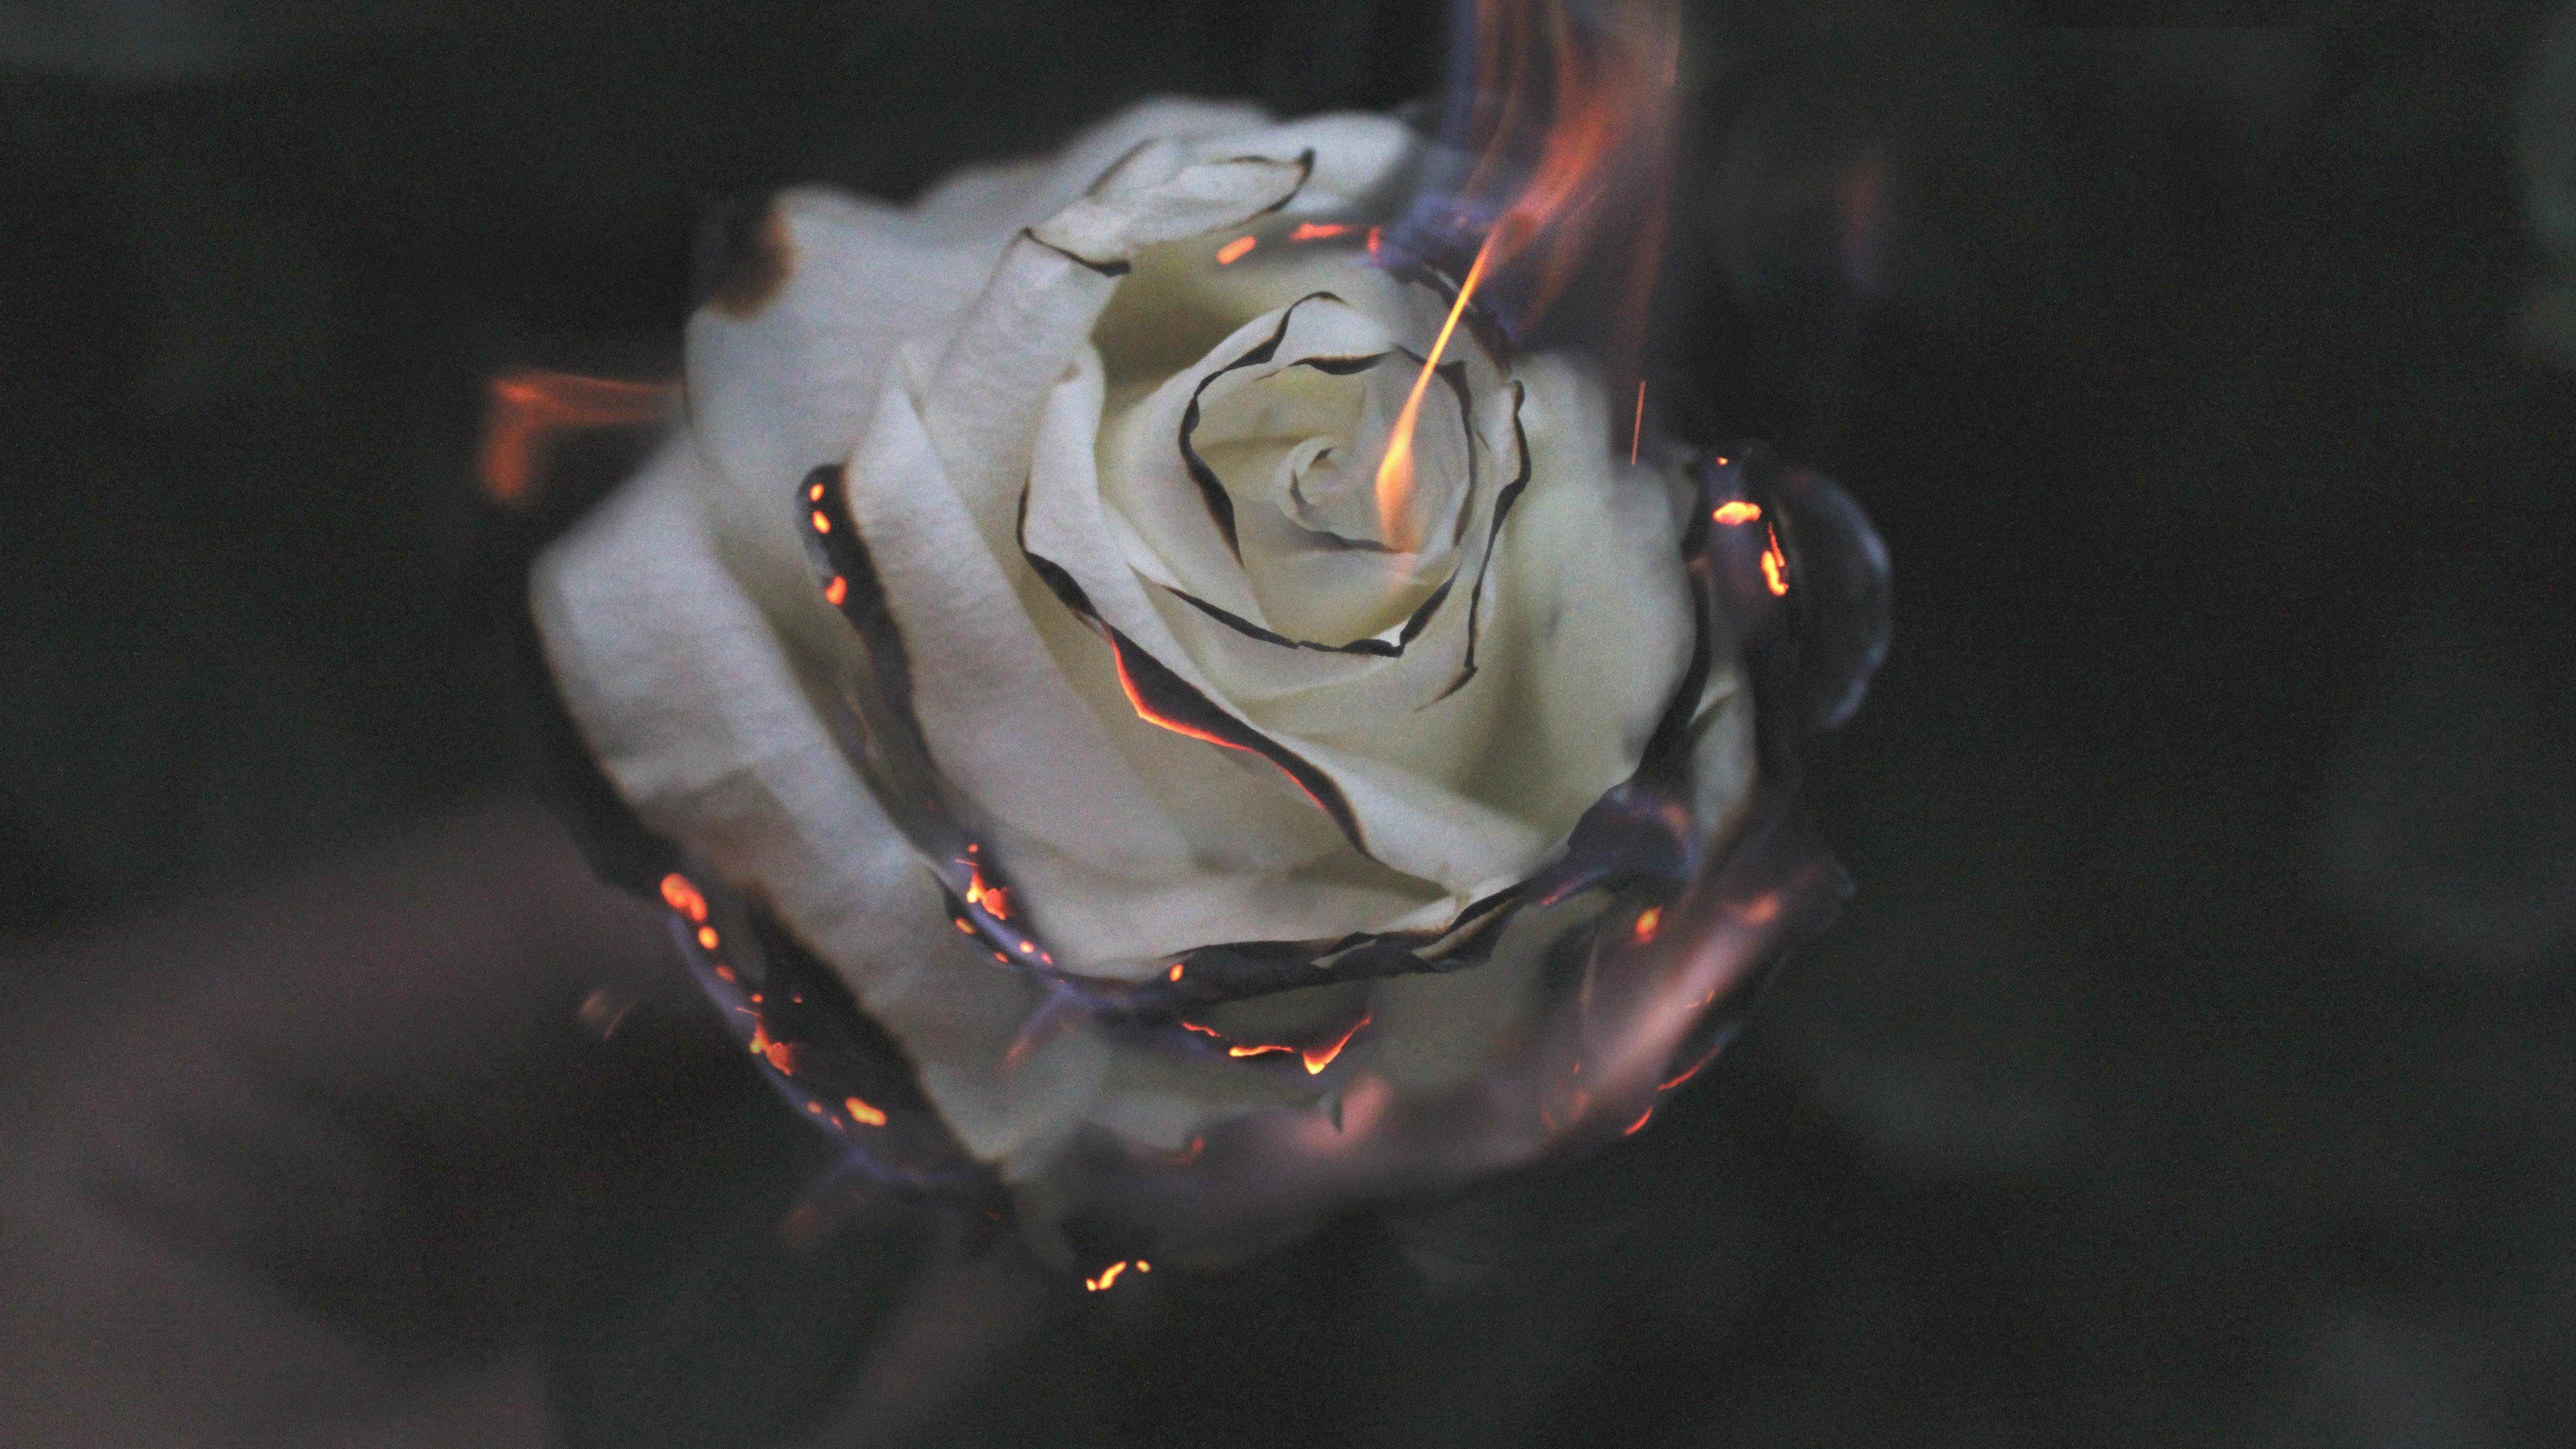 Fondos de pantalla Rosa blanca en fuego